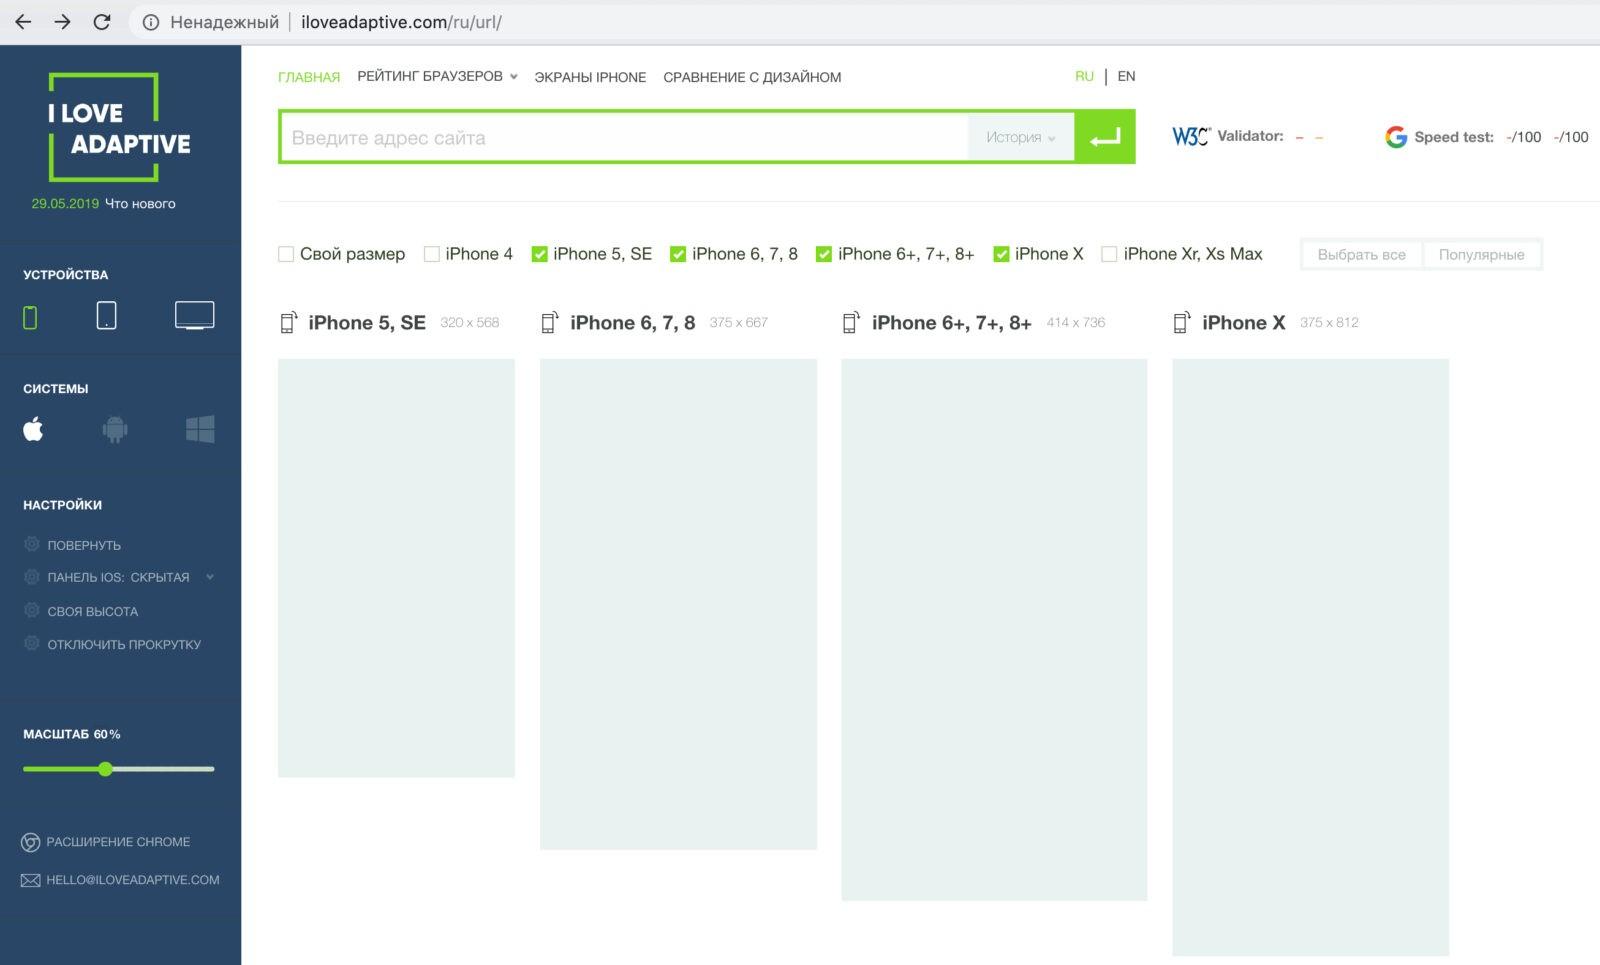 2019 09 28 15 02 05 - Как посмотреть мобильную версию сайта на разных устройствах